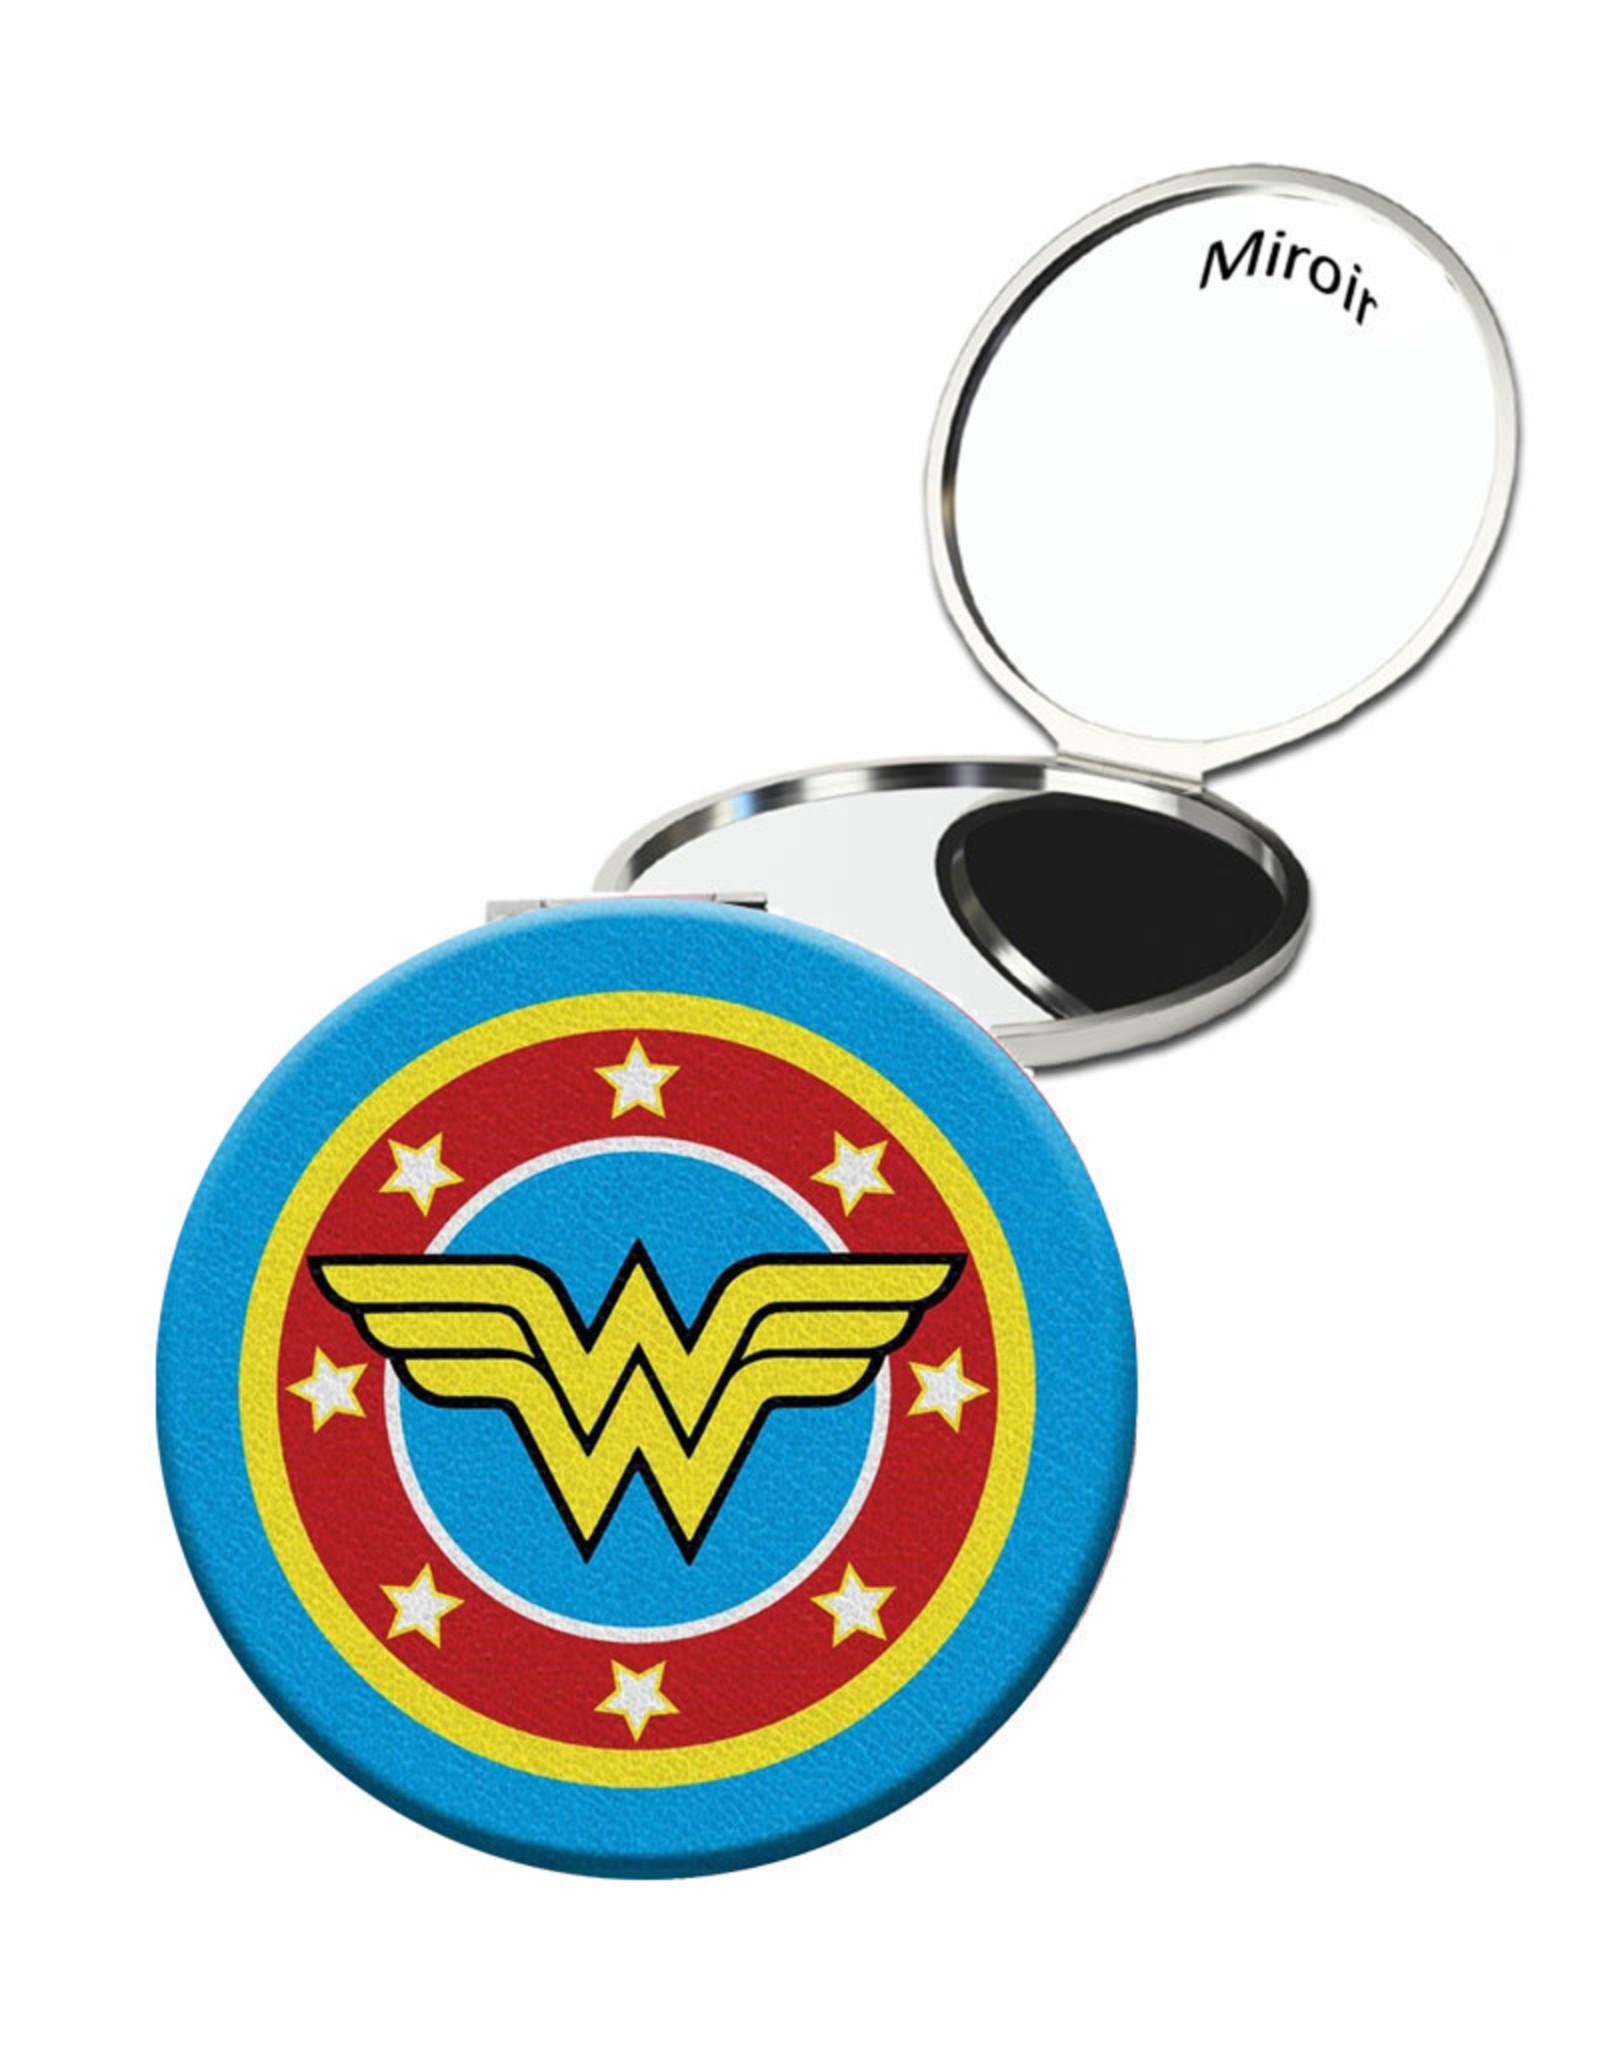 Dc comics Dc Comics ( Miroir de Poche ) Wonder Woman